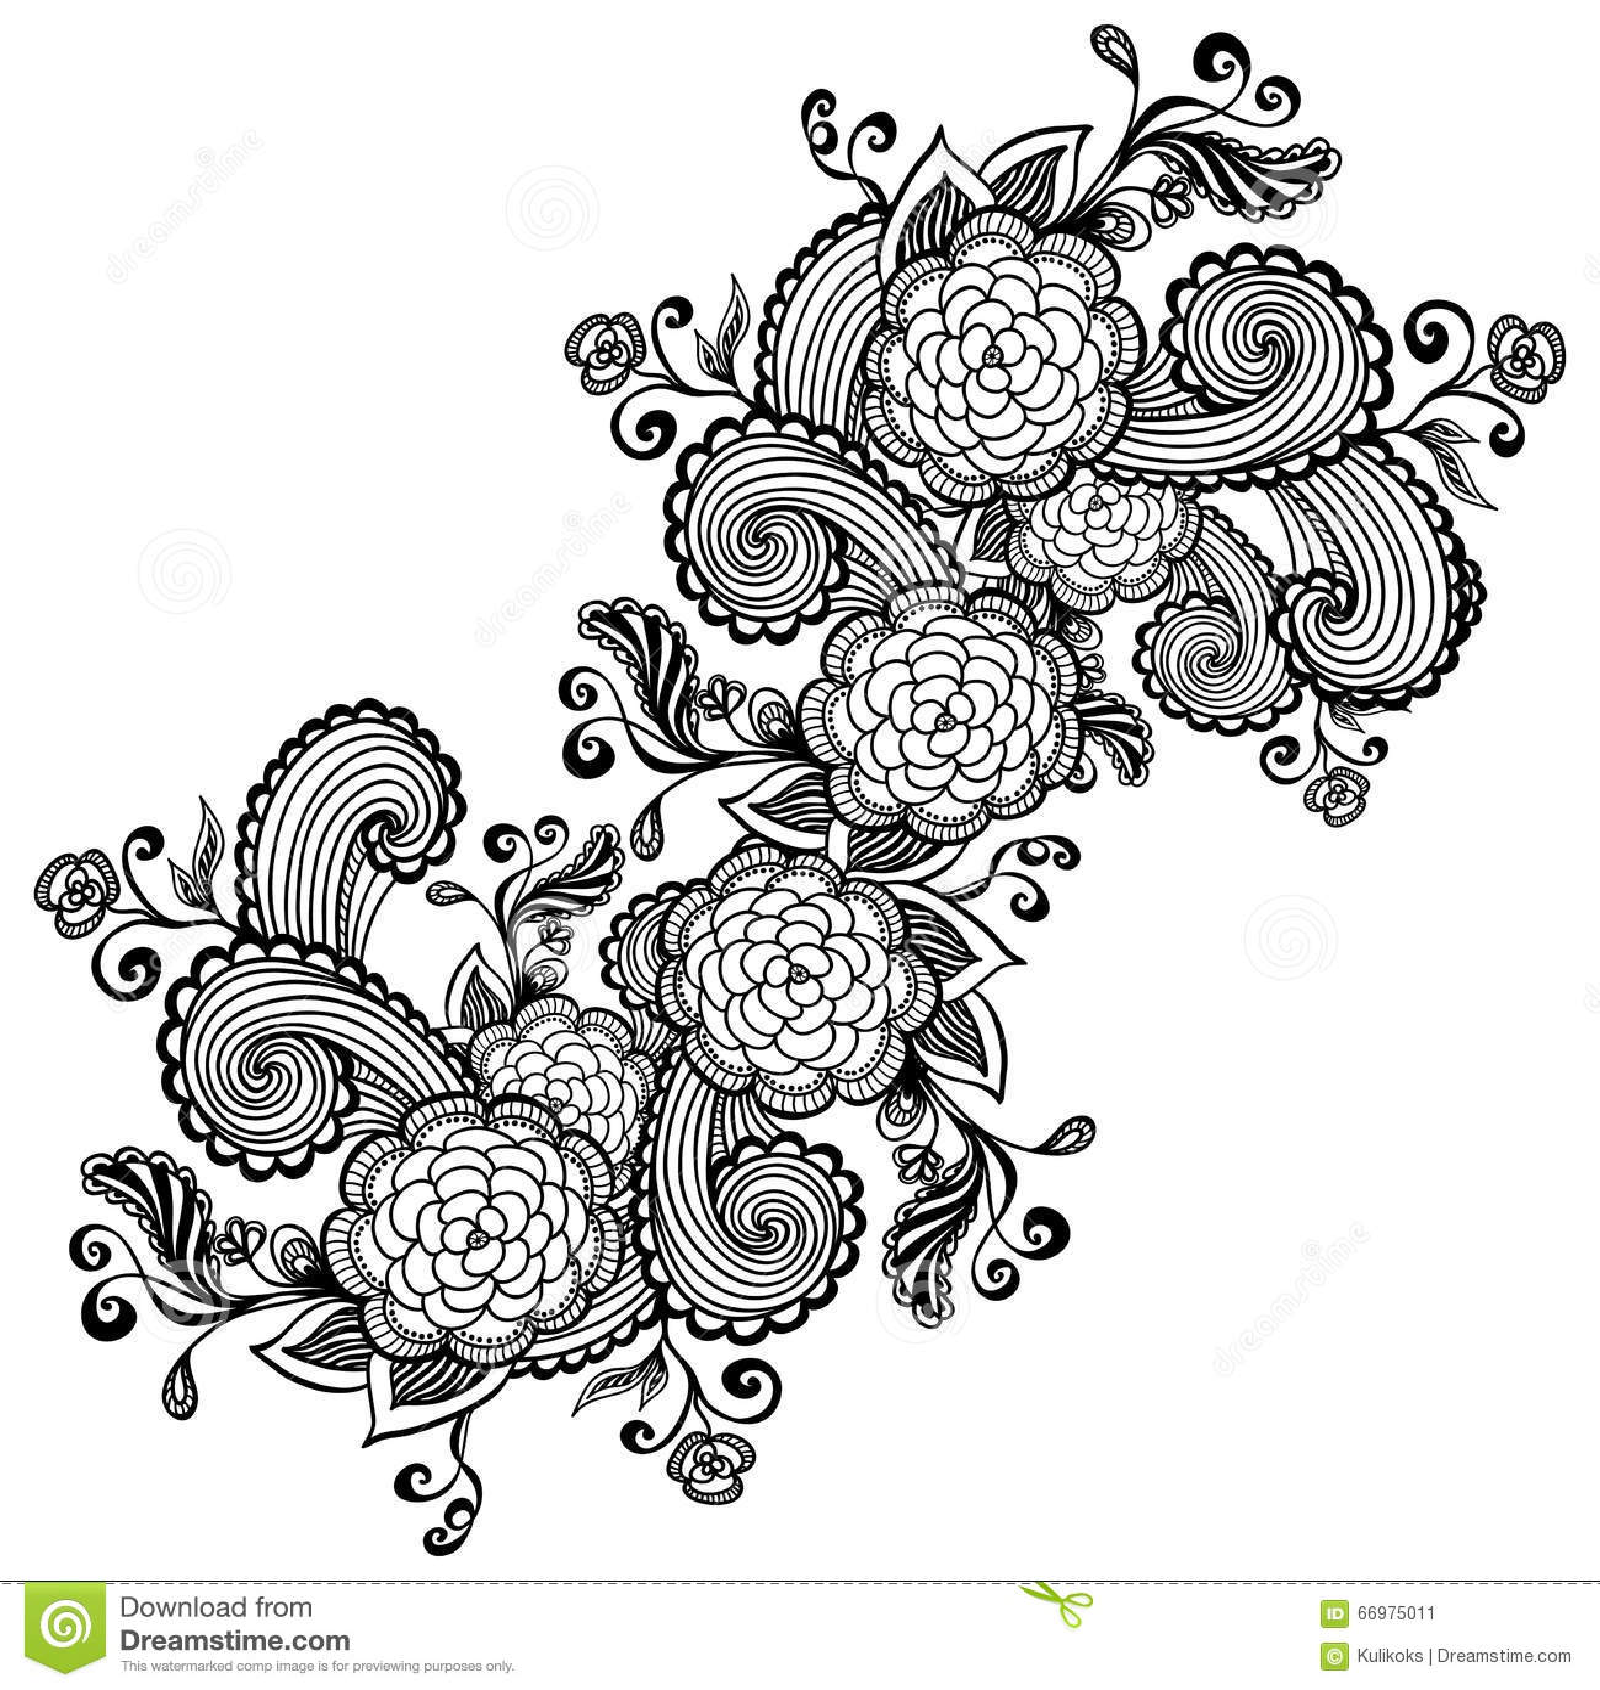 zen doodle coloring pages flower - photo#2